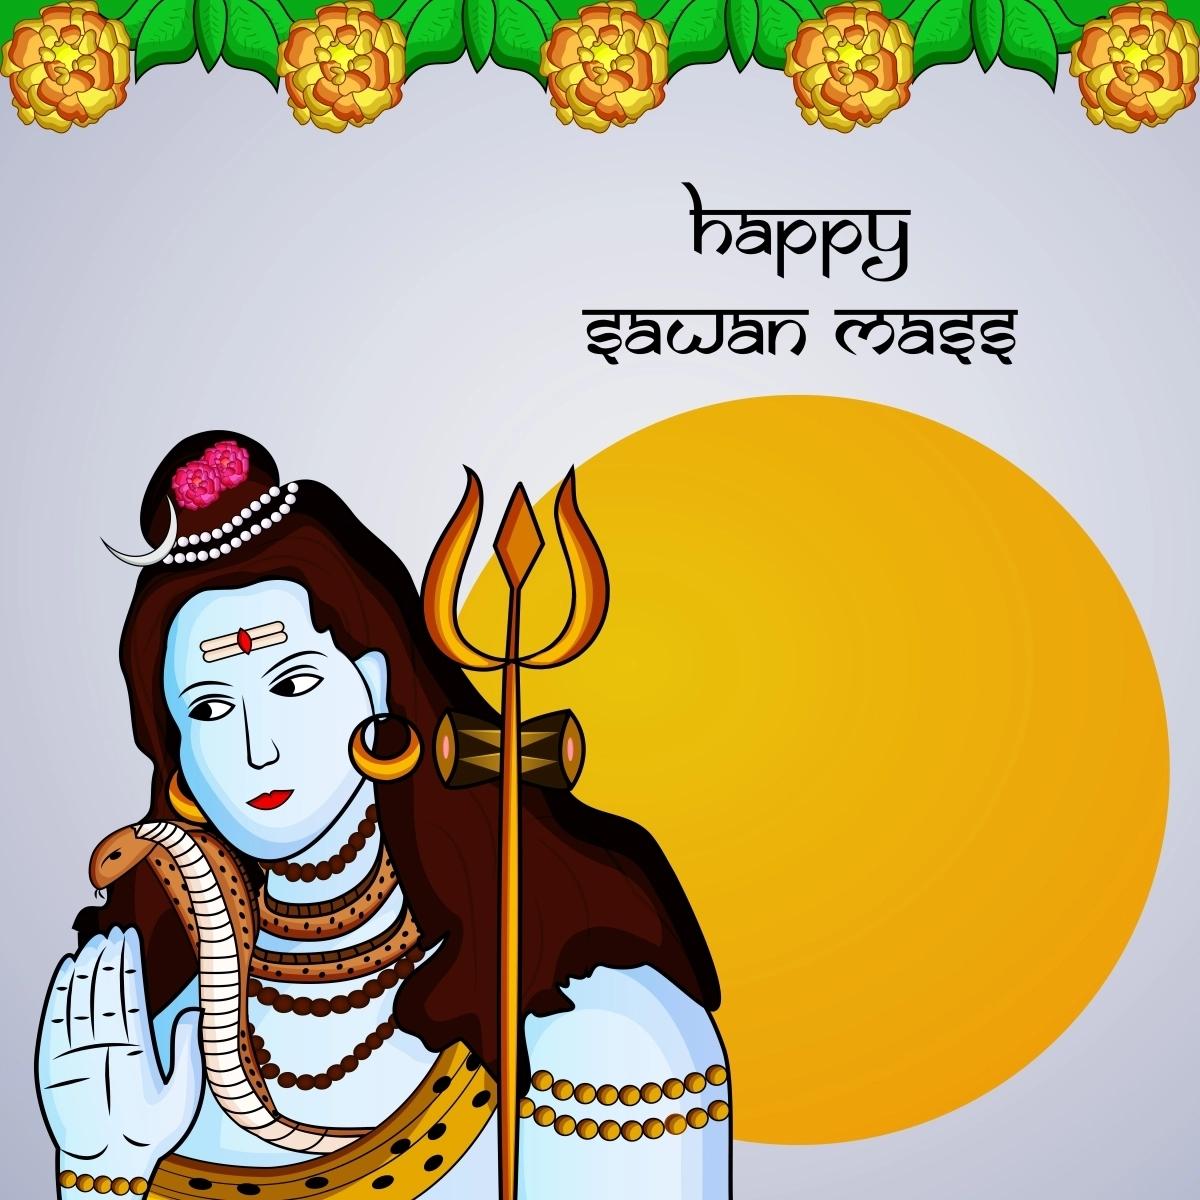 Sawan Somvar 2019 Wishes in Hindi: Happy Sawan Ka Pehla